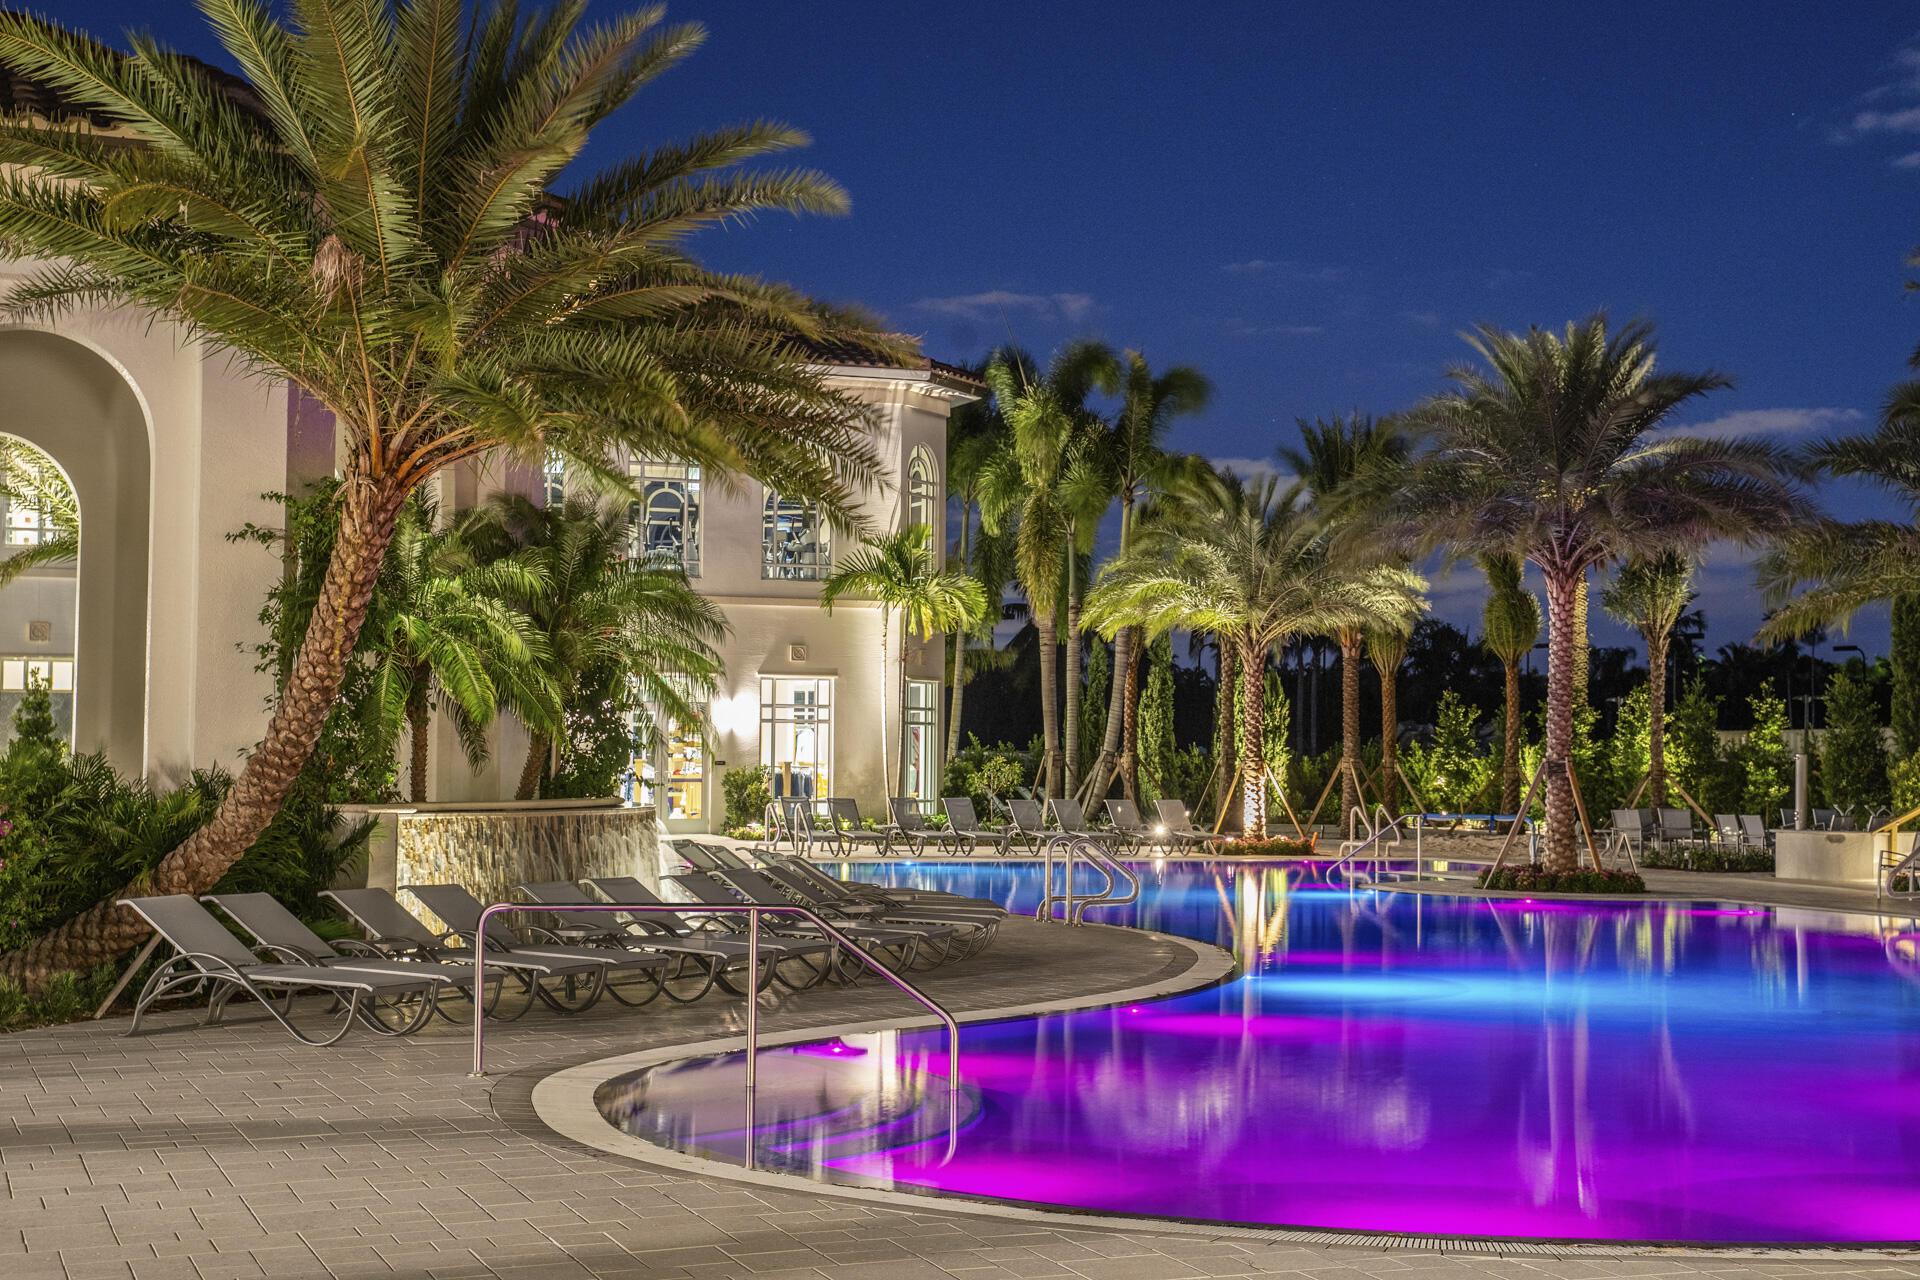 Pool glow night